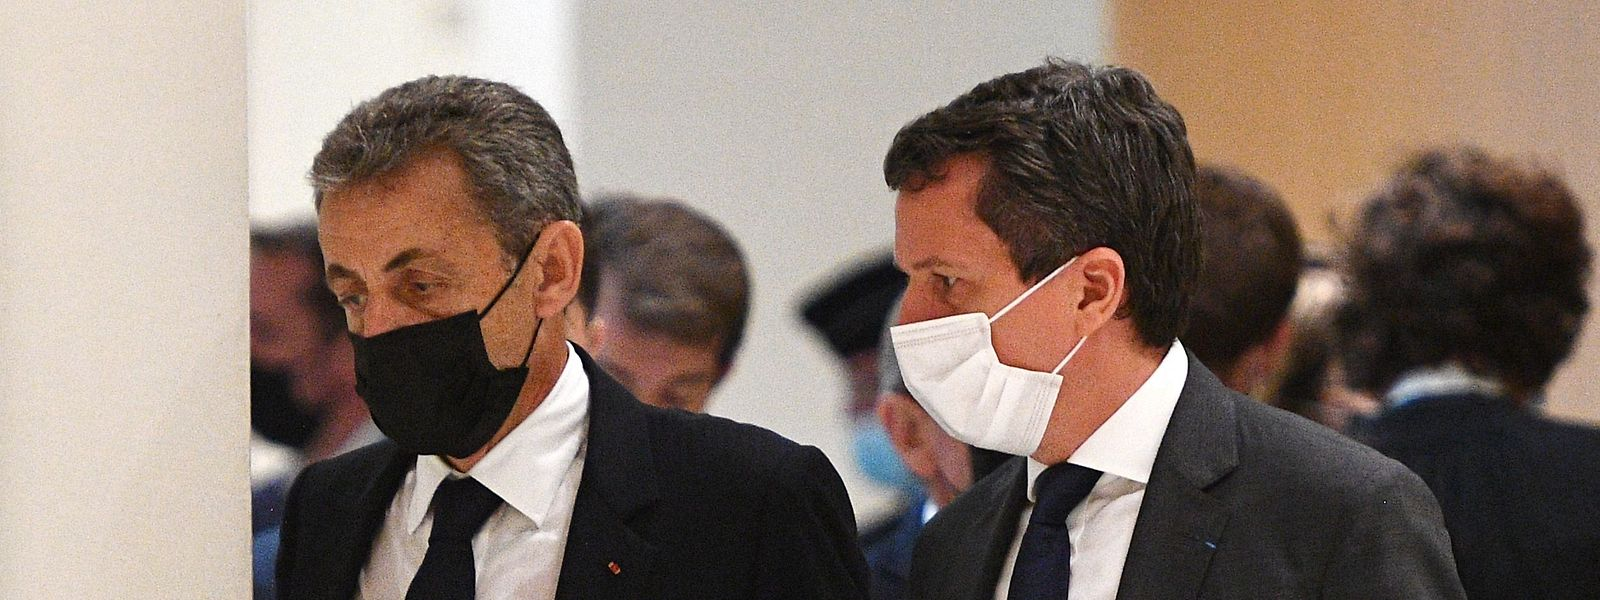 Frankreichs ehemaliger Präsident Nicolas Sarkozy bei einer Anhörung vor Gericht am 15. Juni 2021.